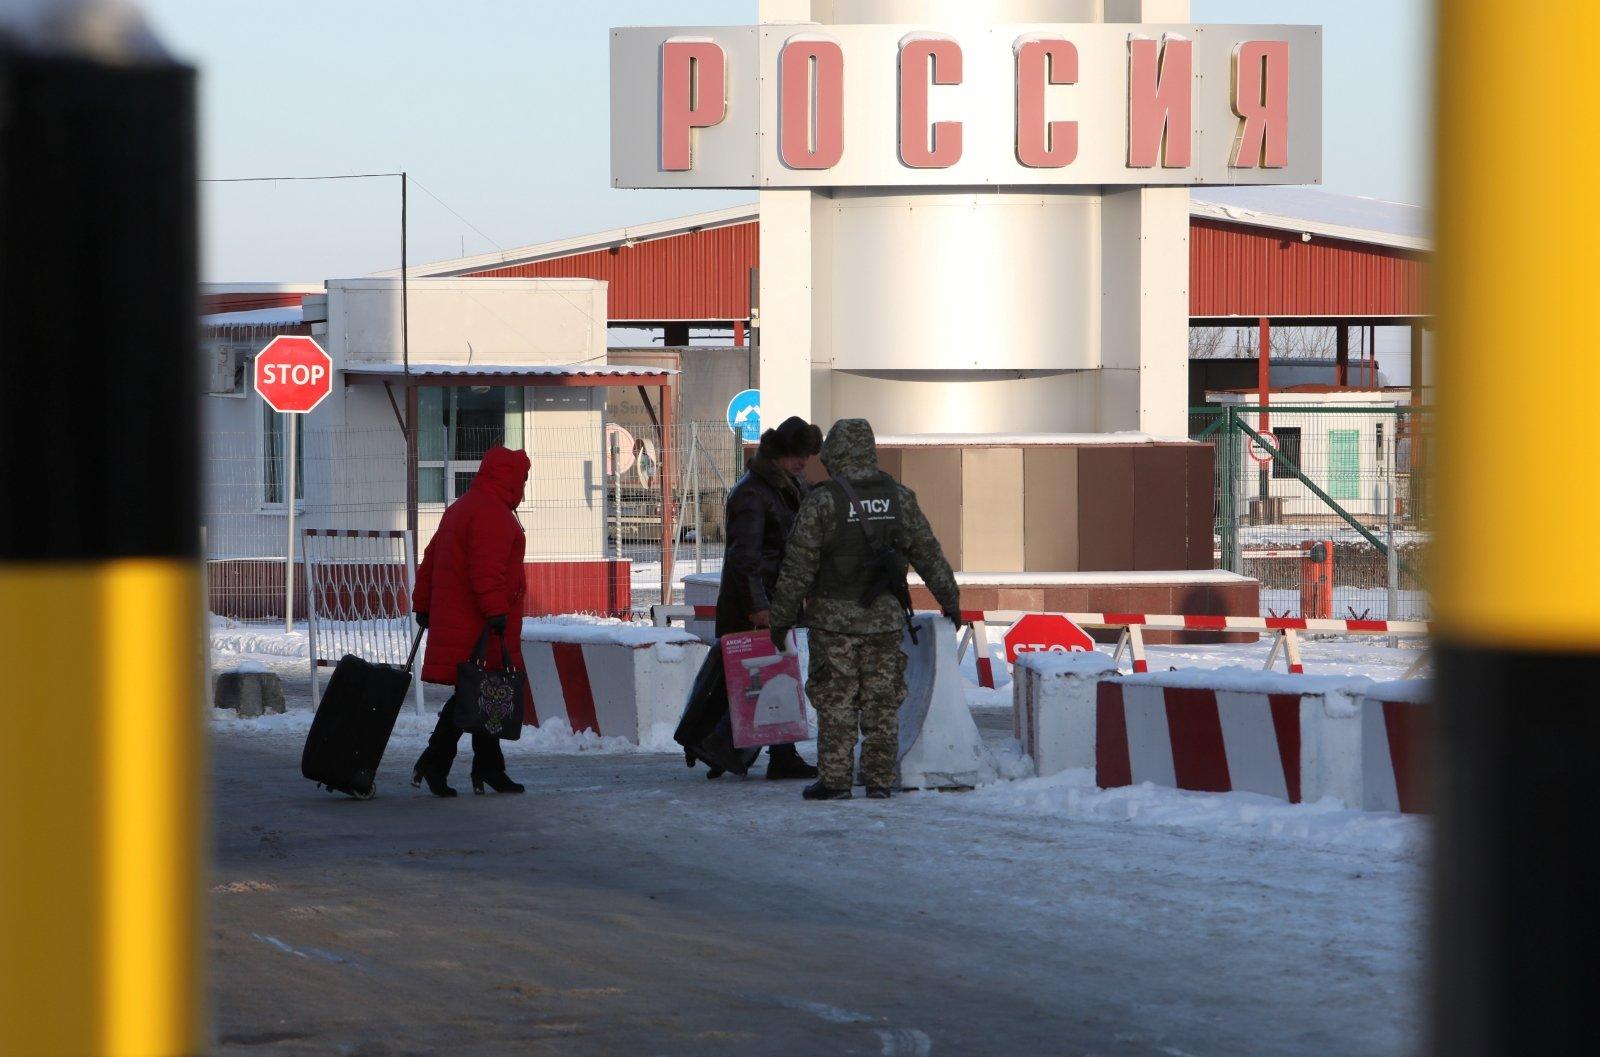 Мишустин распорядился полностью закрыть границы России. В том числе и с Беларусью